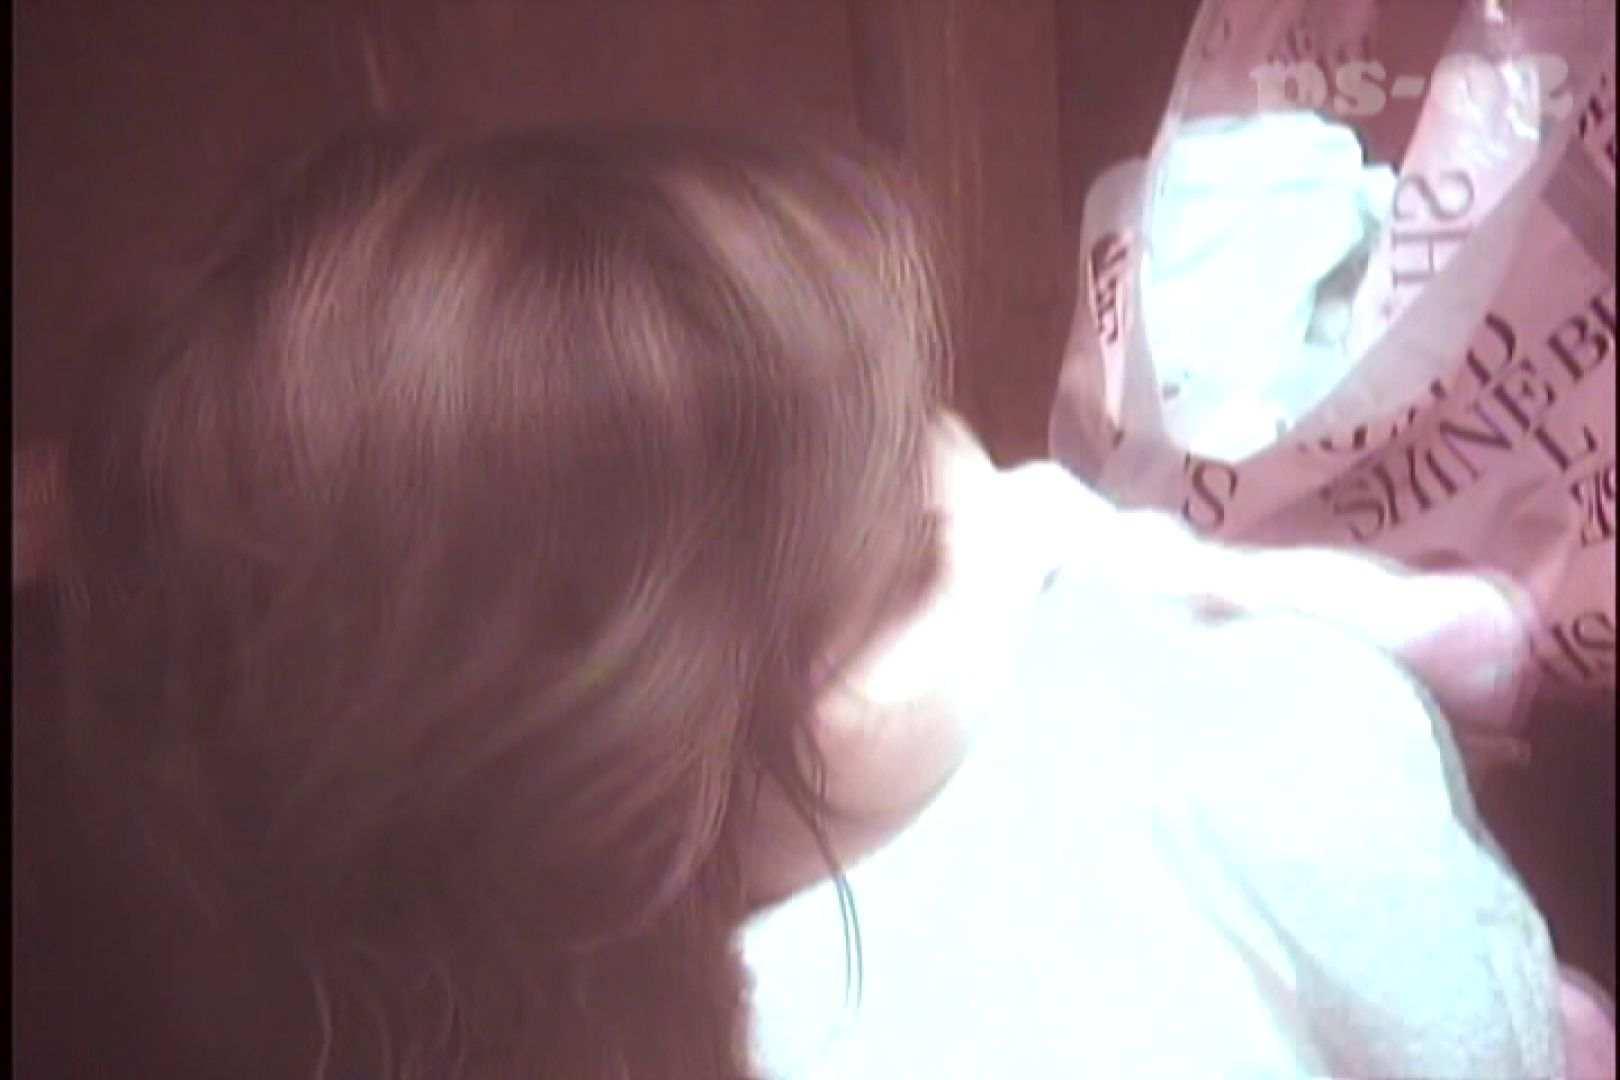 PoPoさんのシャワールームは危険な香り Vol.08 OLの実態 | シャワー  78pic 9